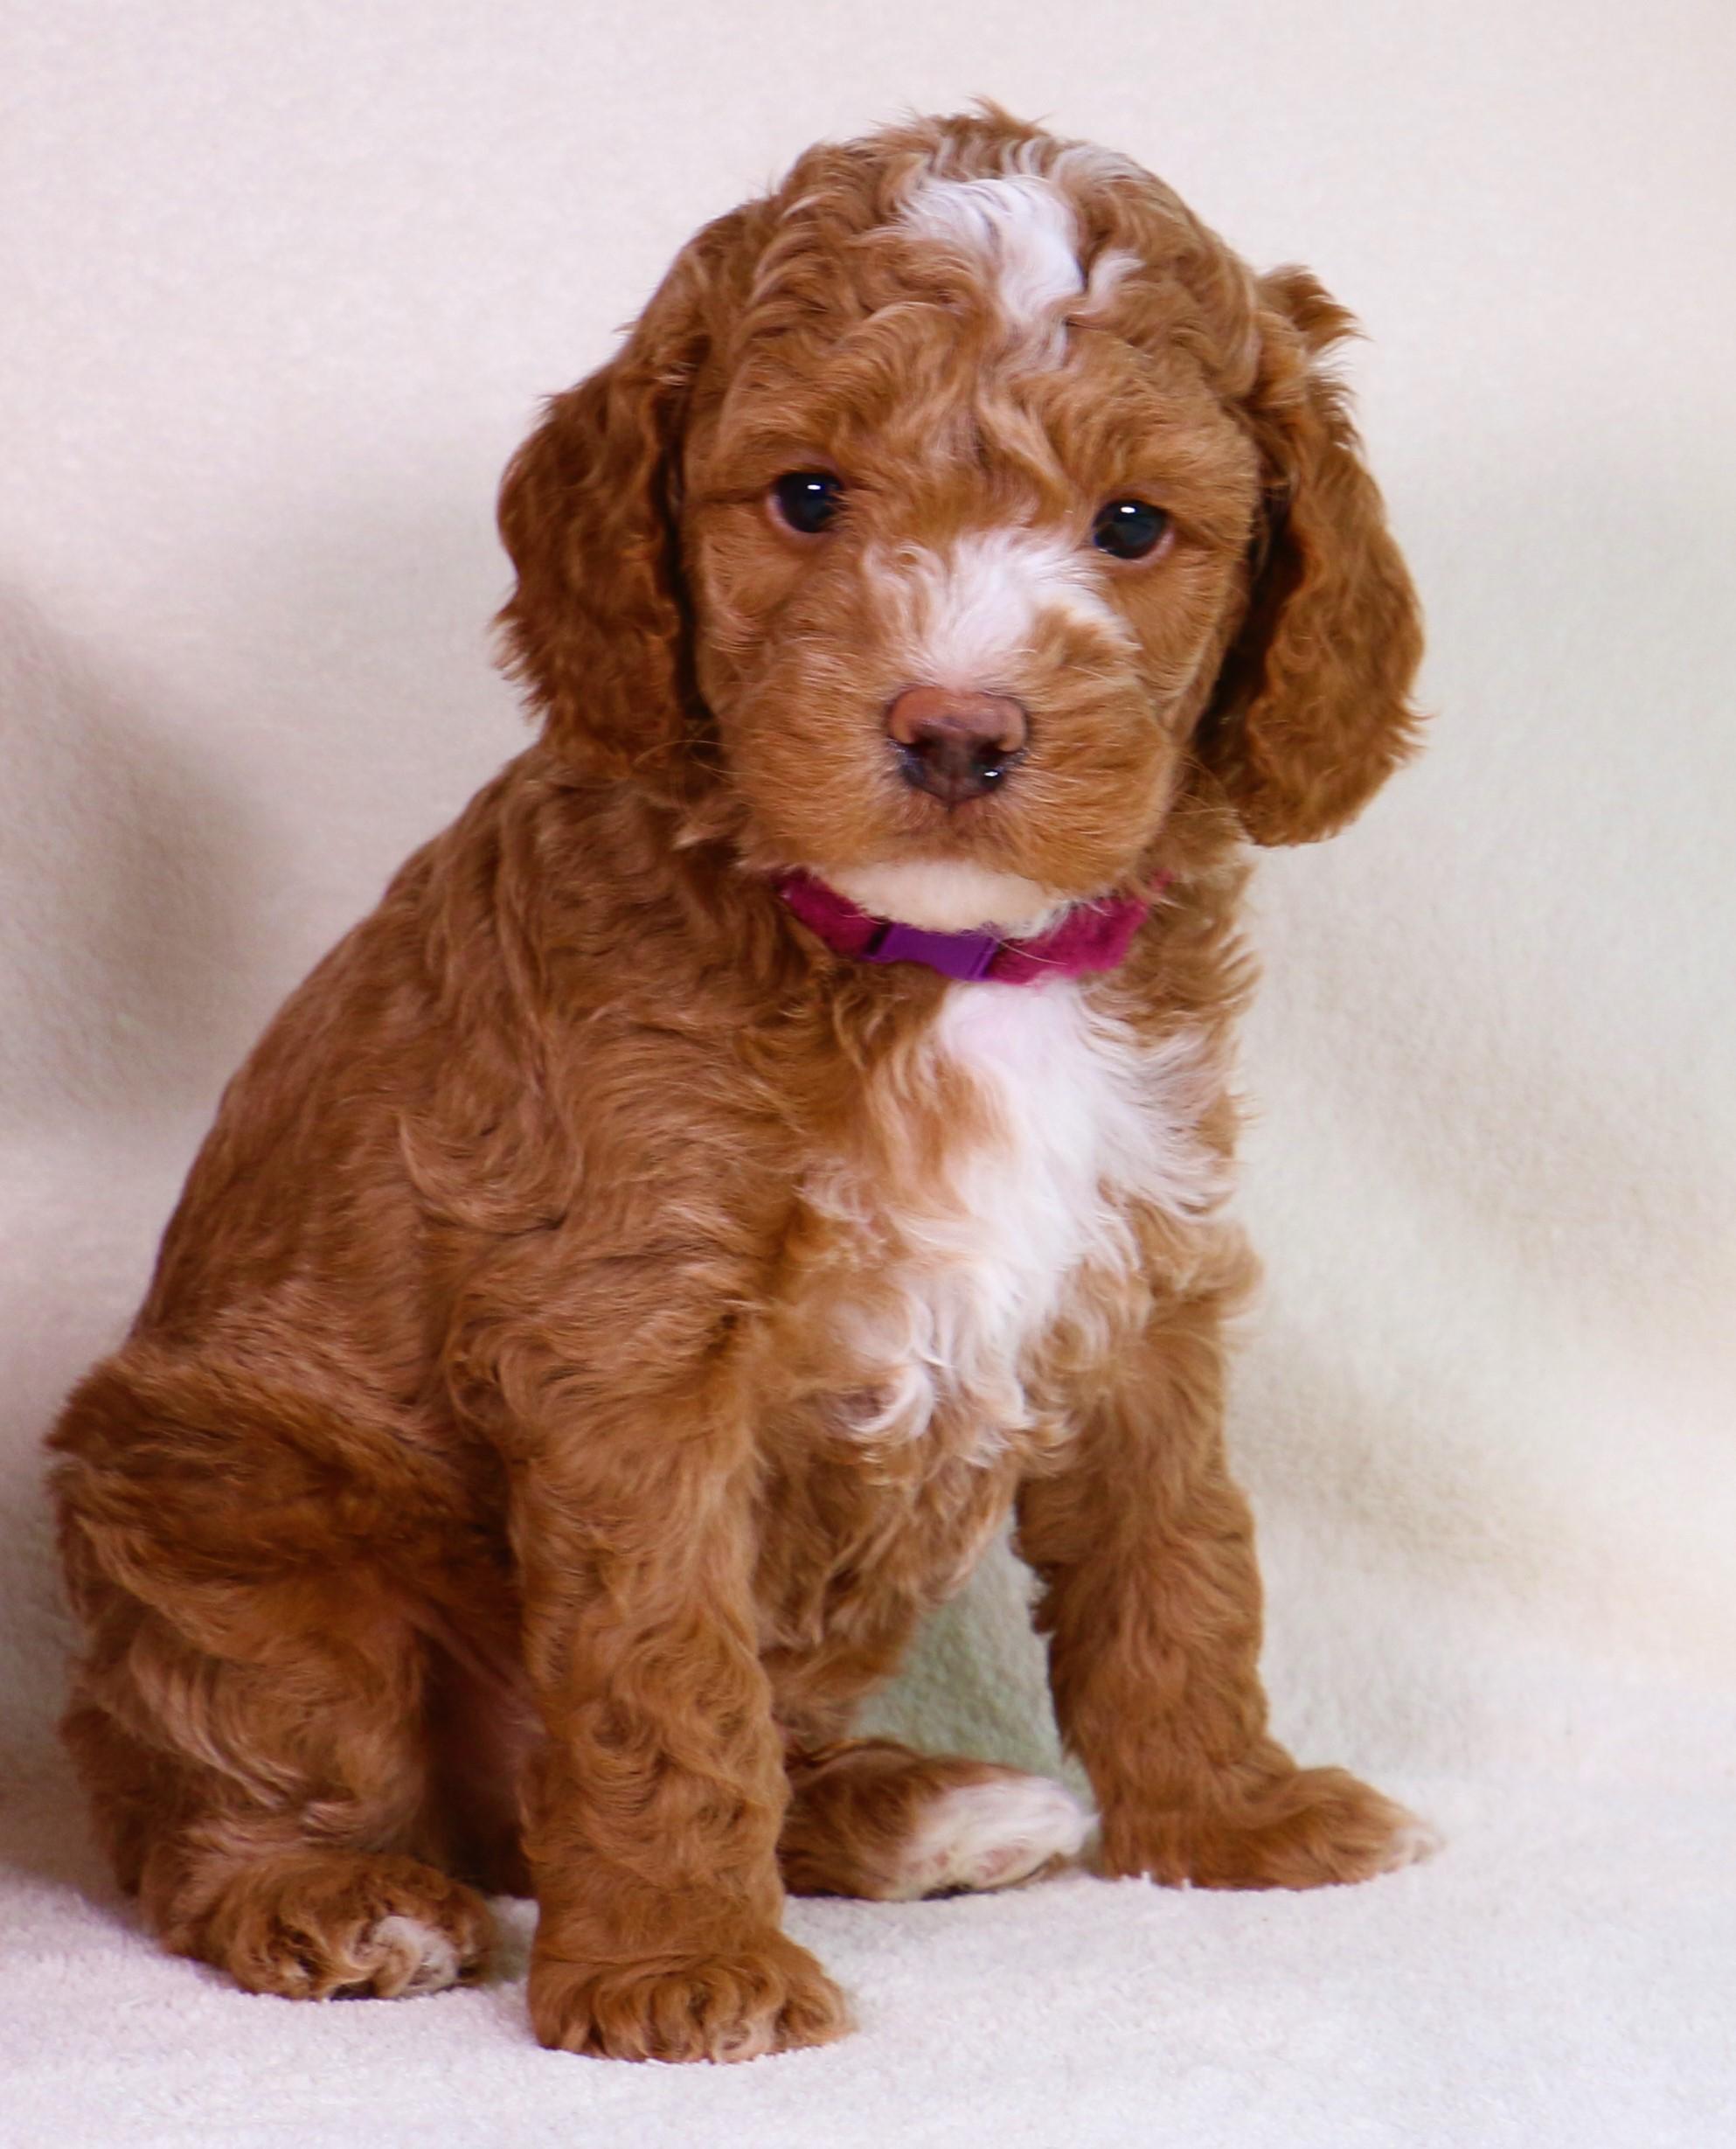 Benji at 6 weeks